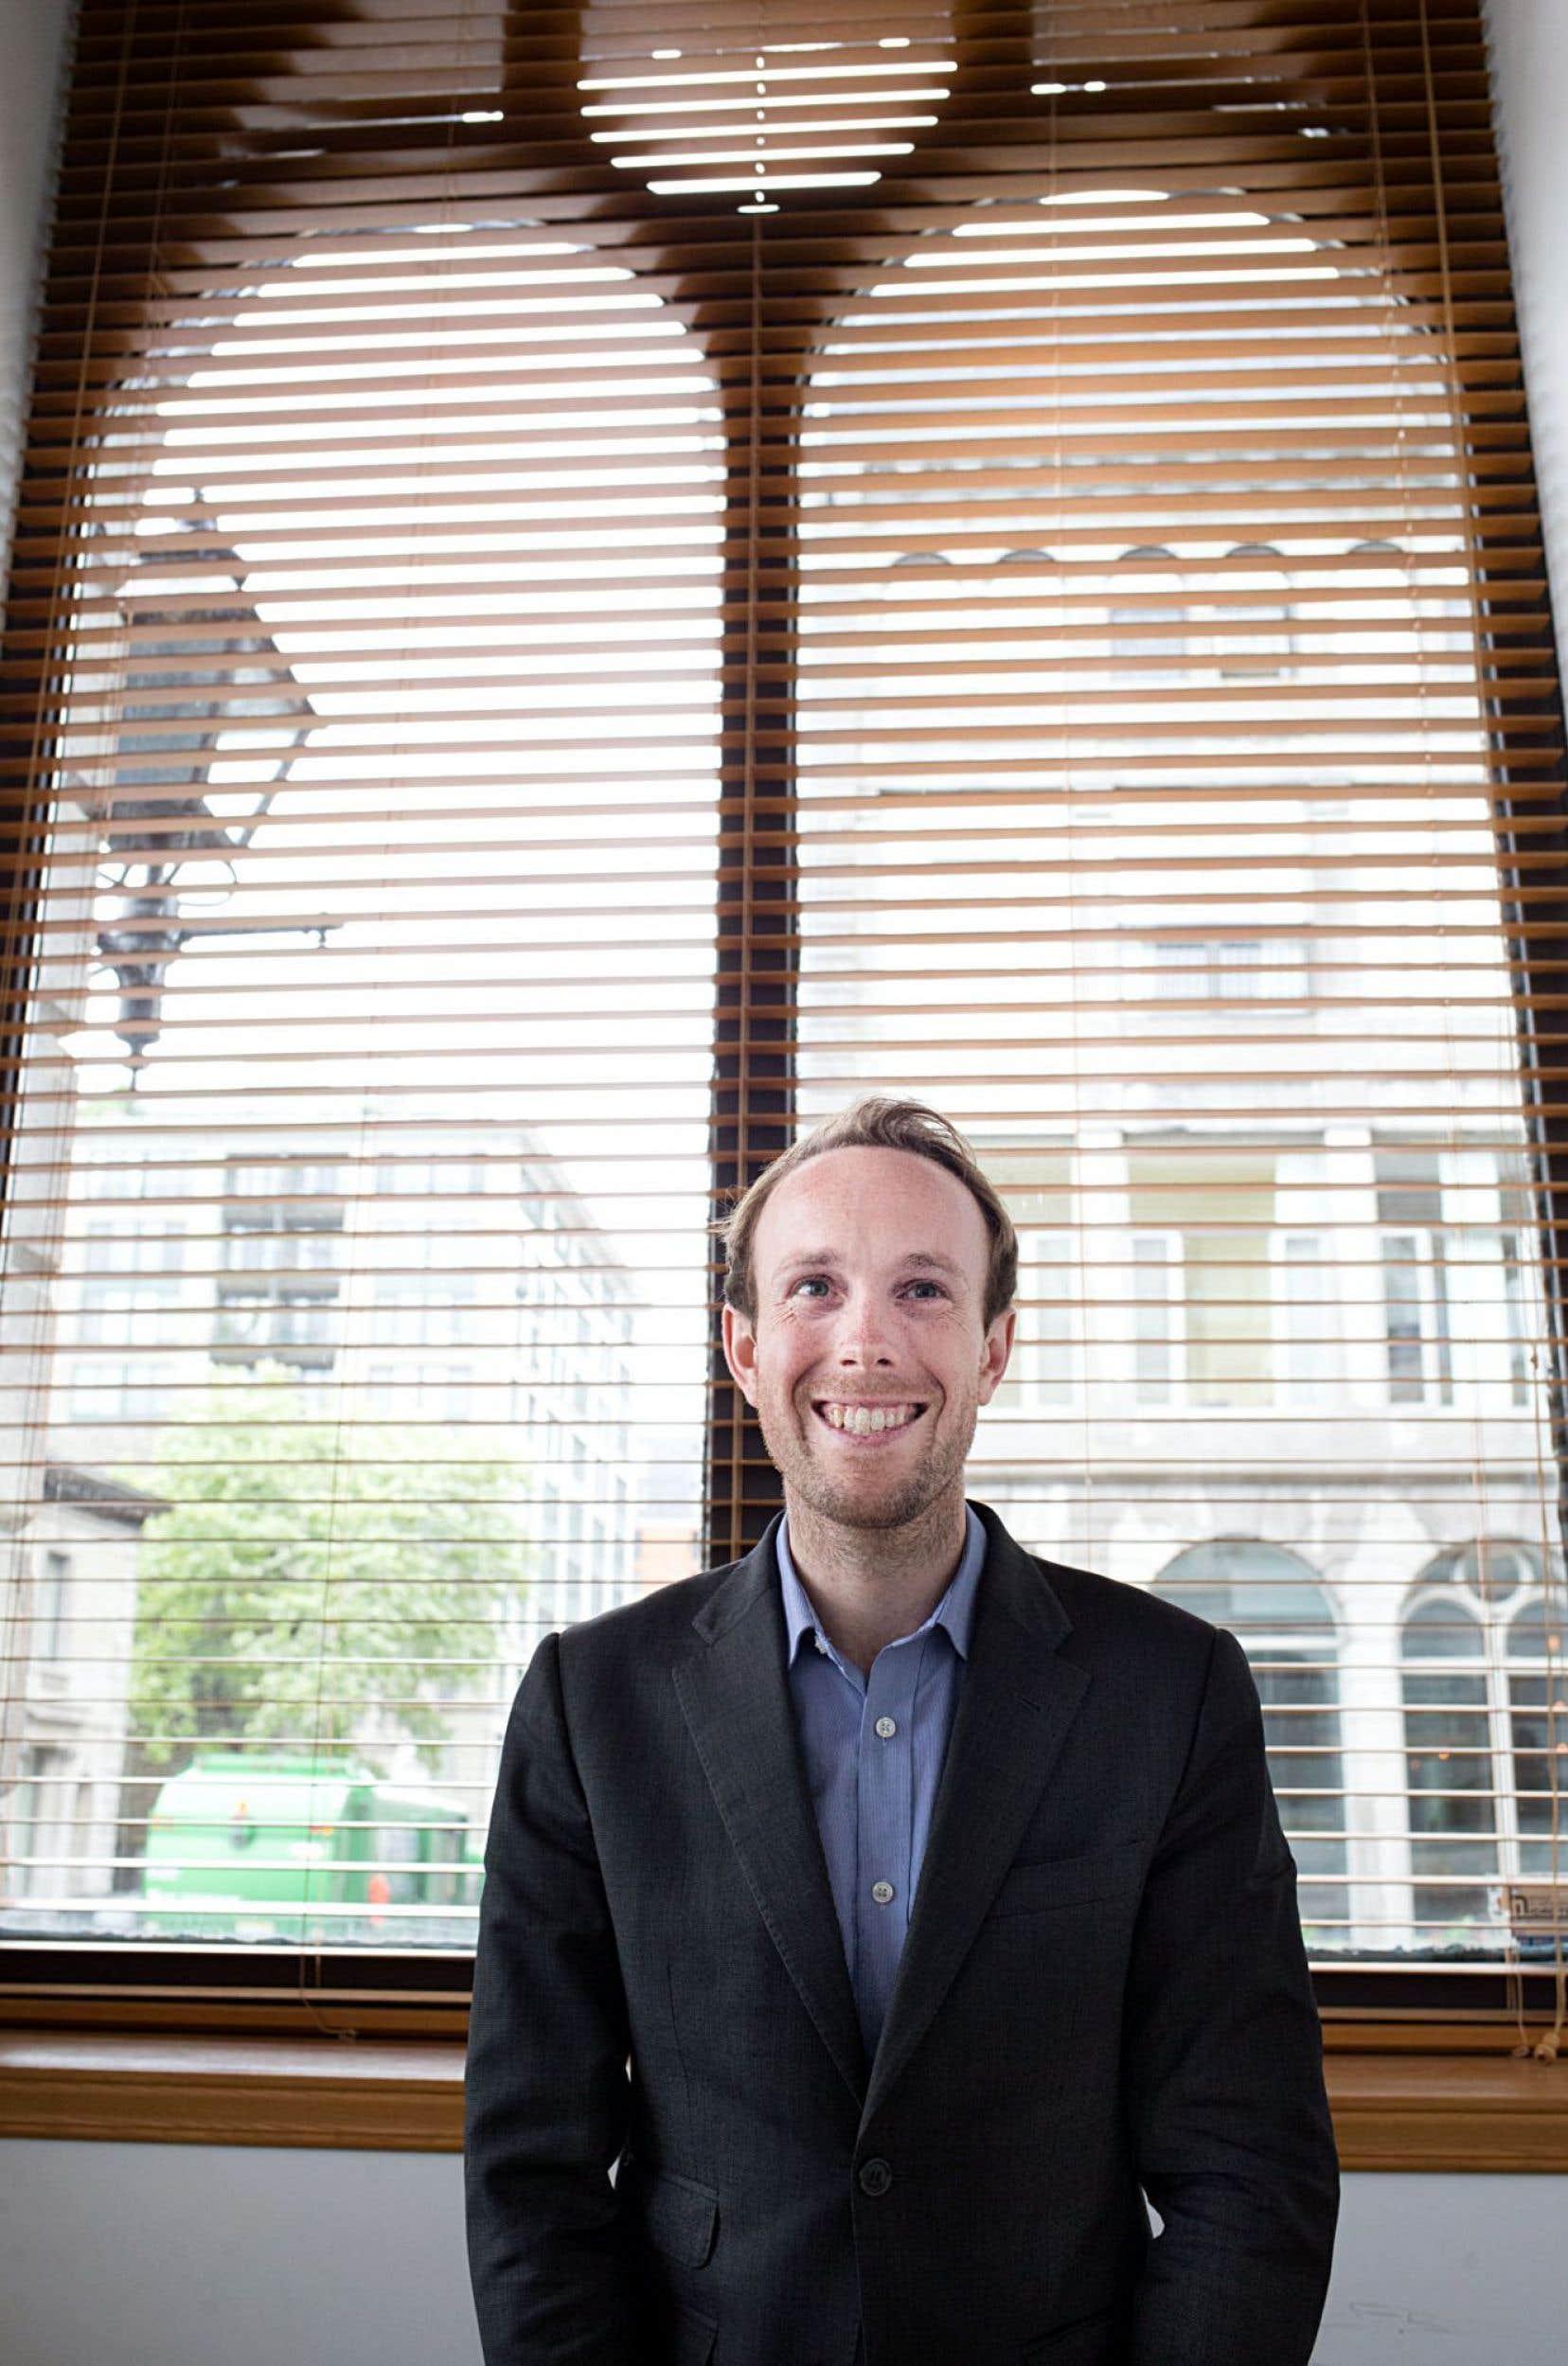 Ryan Hillier est devenu avocat à seulement 21 ans.